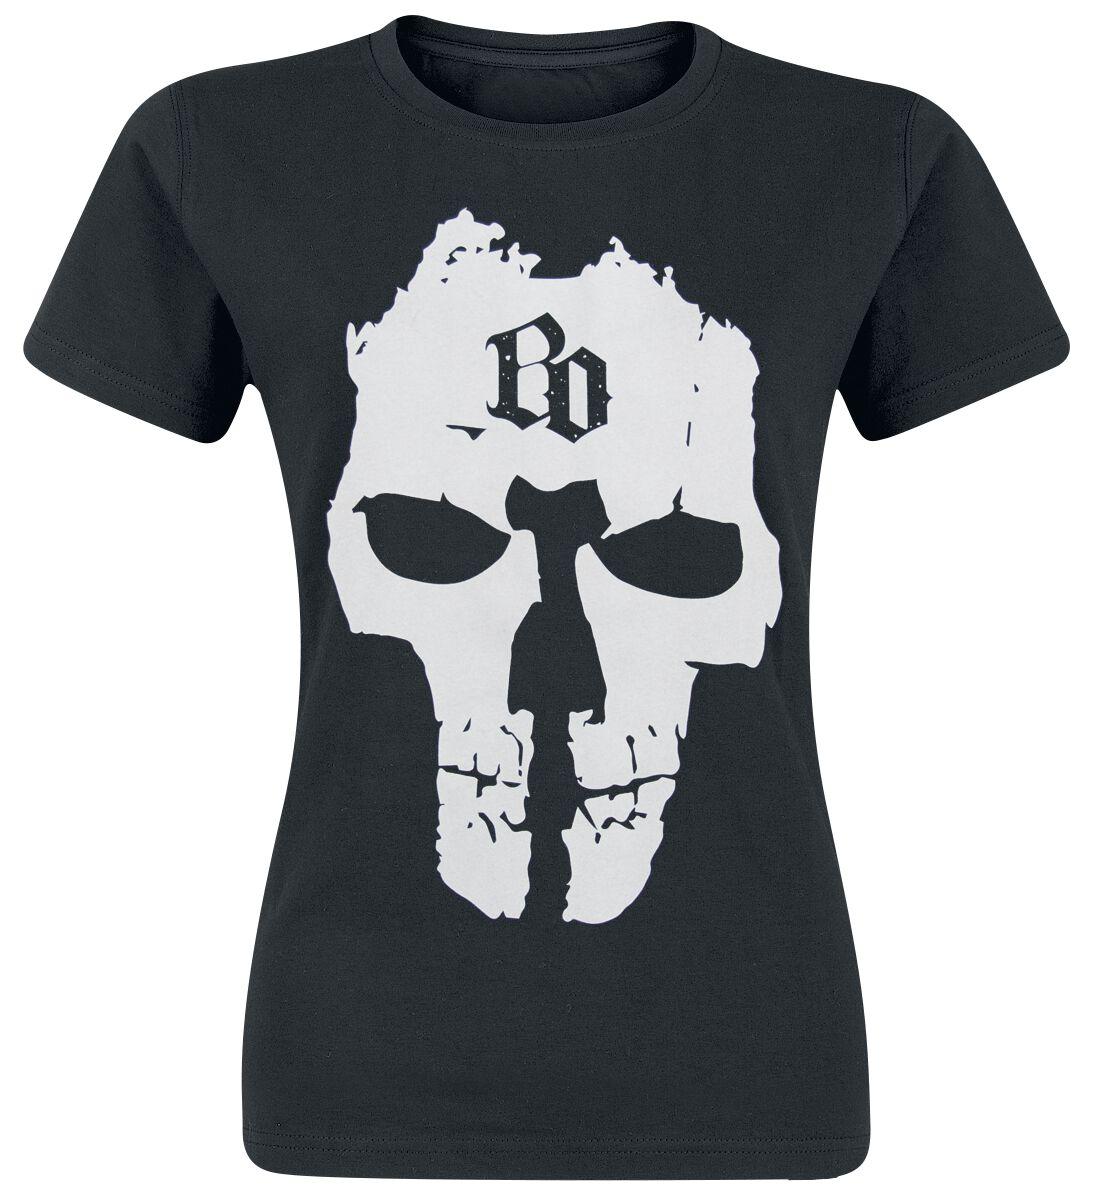 Image of   Böhse Onkelz BO Skull Girlie trøje sort